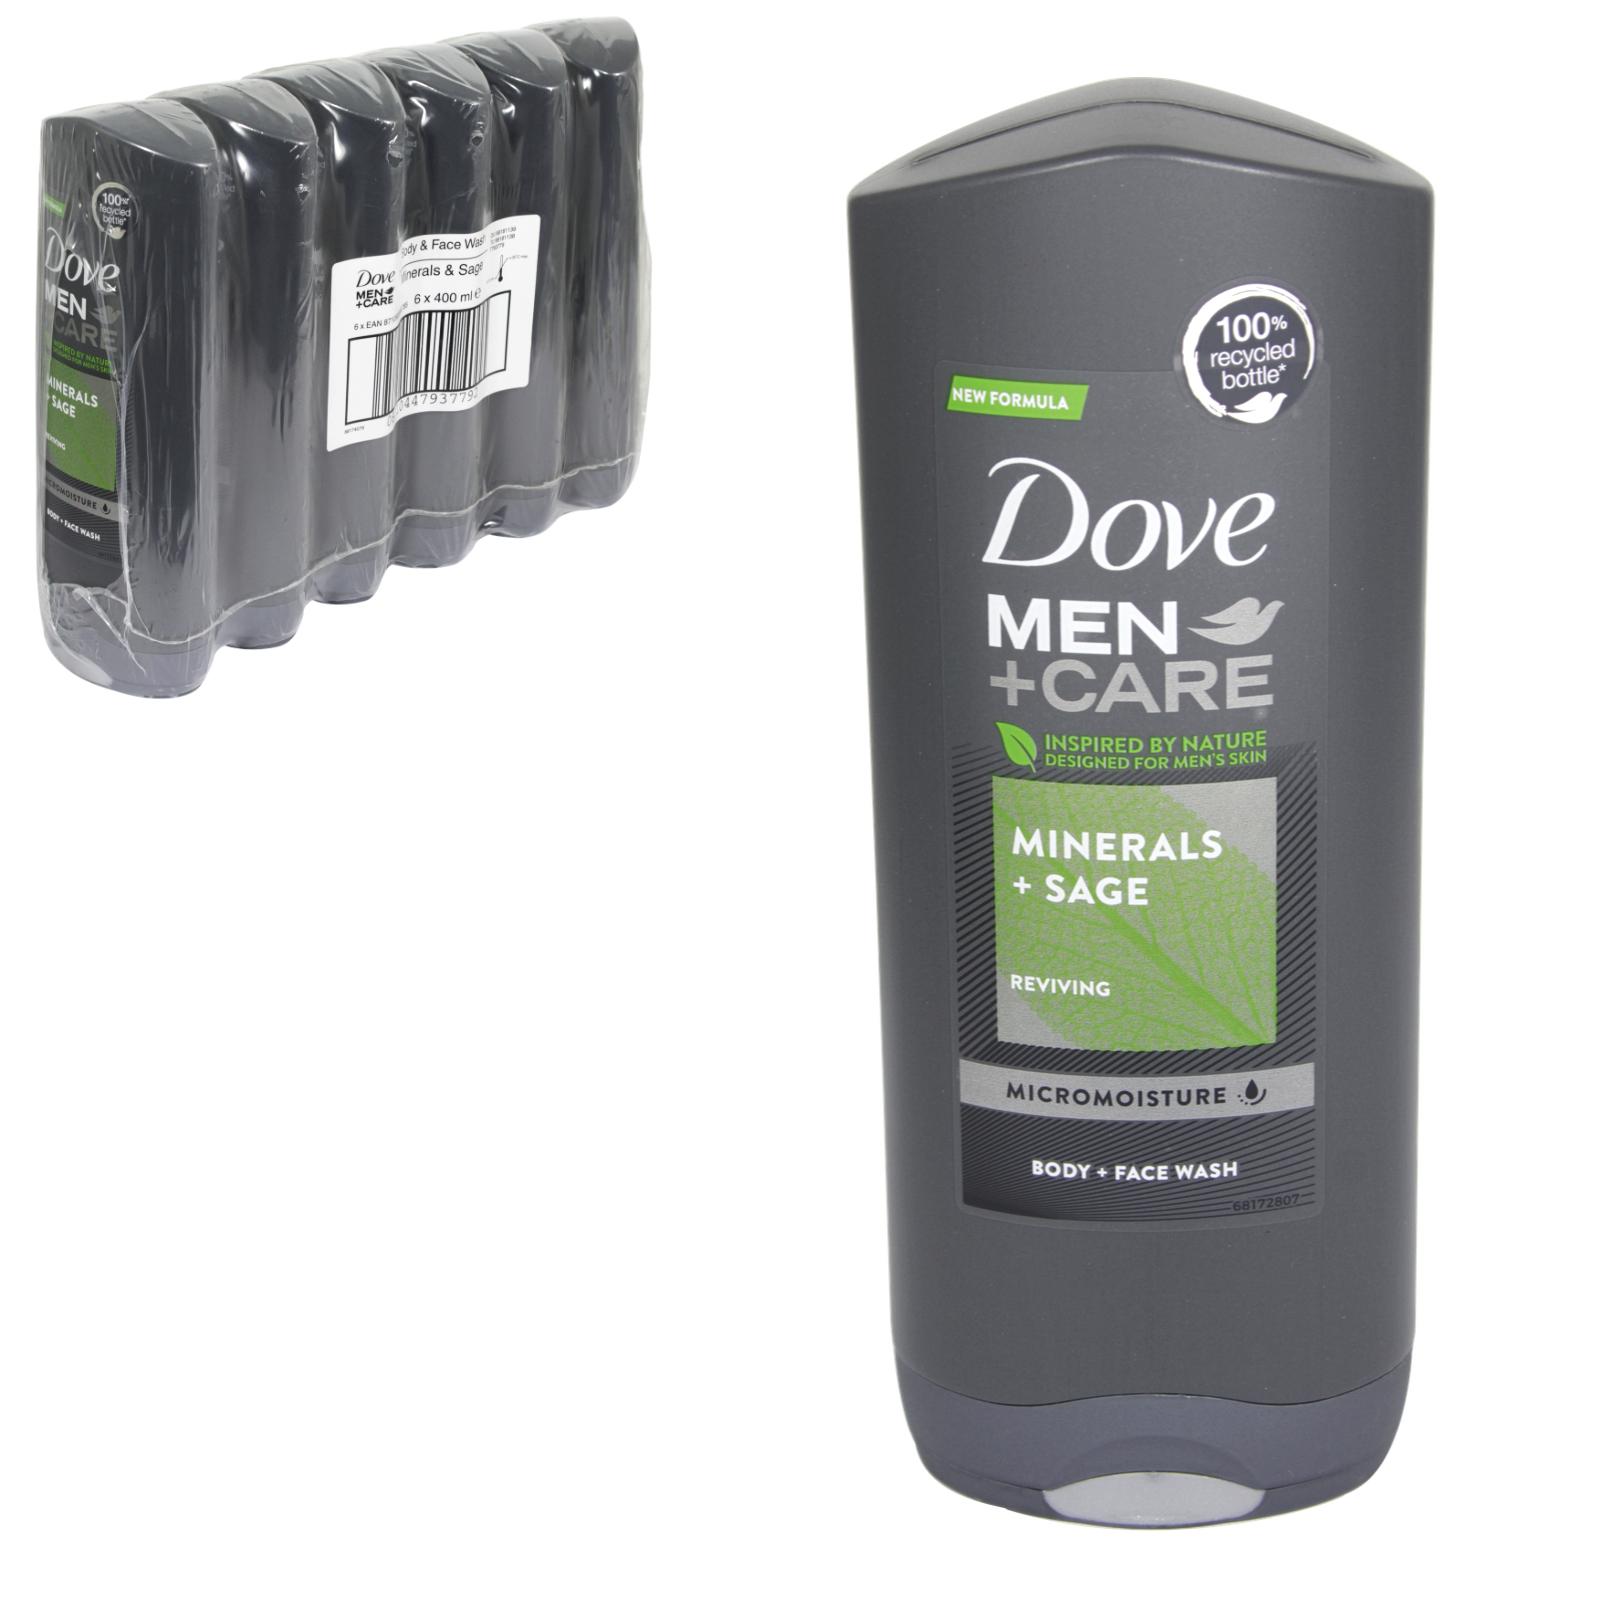 DOVE MEN+CARE 400ML FACE+BODY WASH MINERALS+SAGE X 6